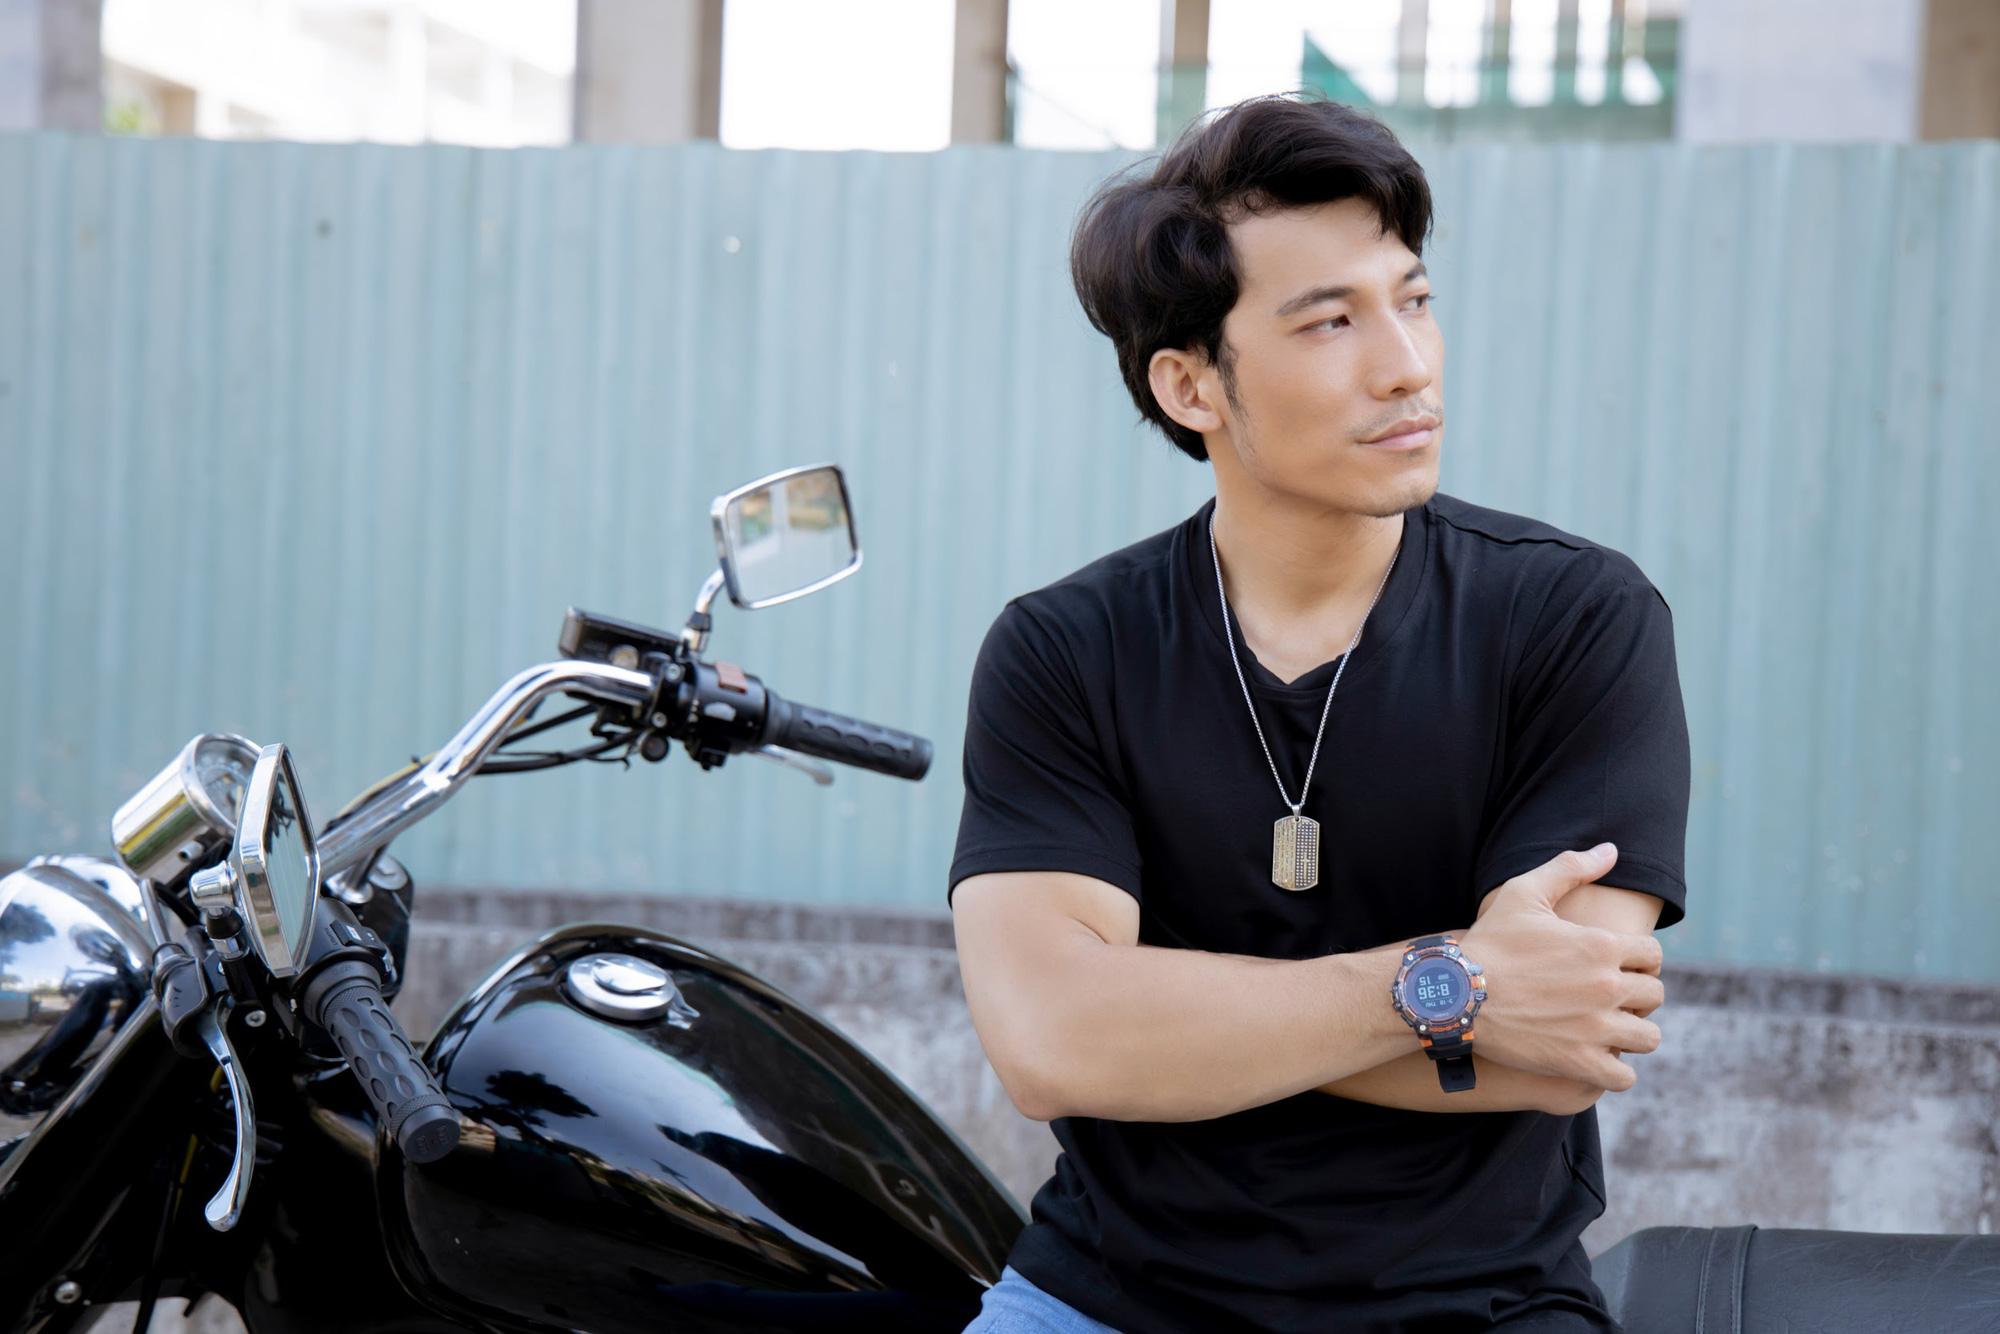 Sao Việt và giới trẻ khoe outfit cá tính cùng G-Shock, Baby-G - Ảnh 2.